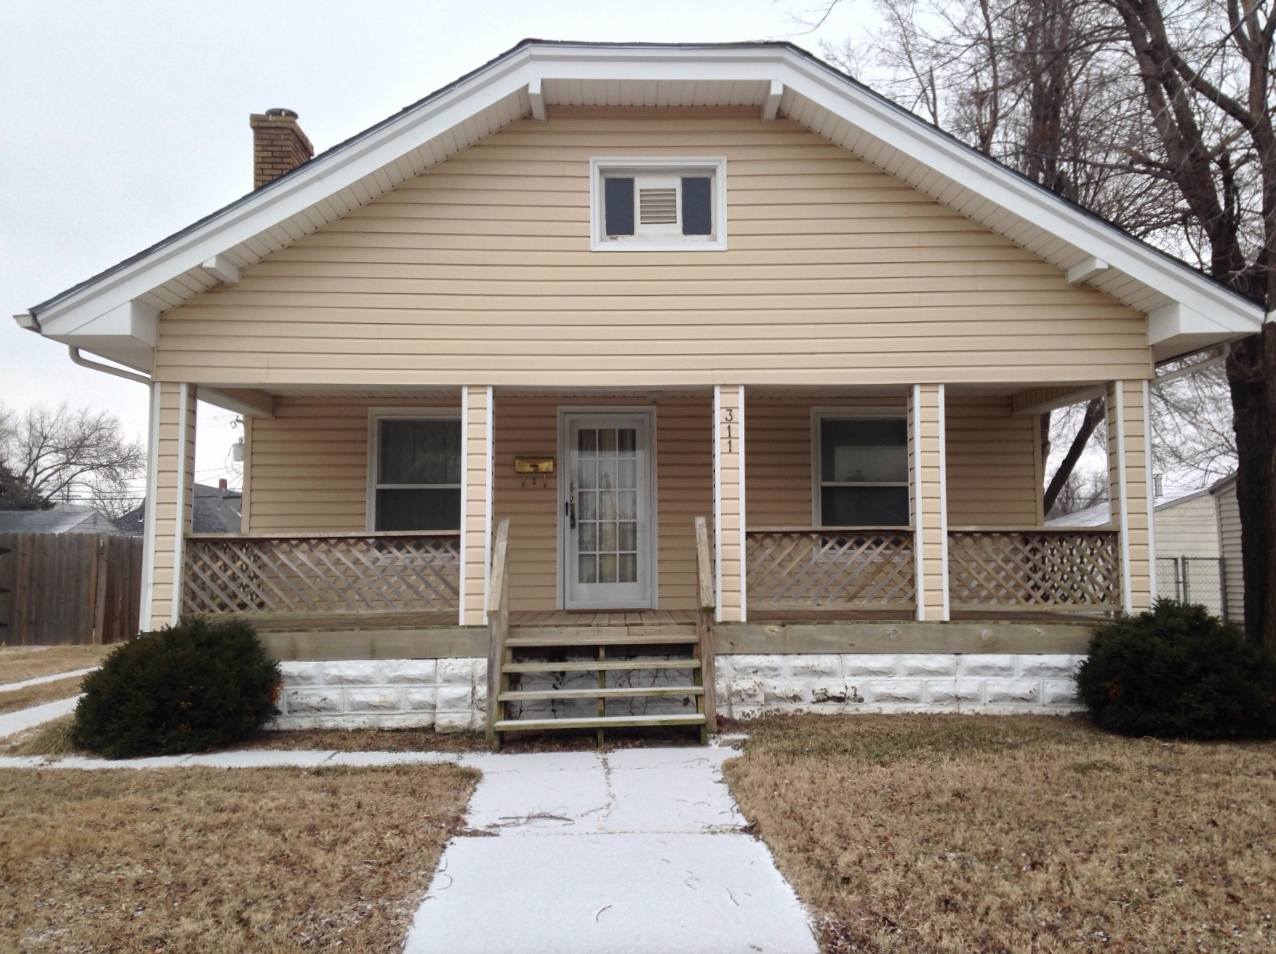 311 W 13th Ave, Hutchinson, Kansas 67501